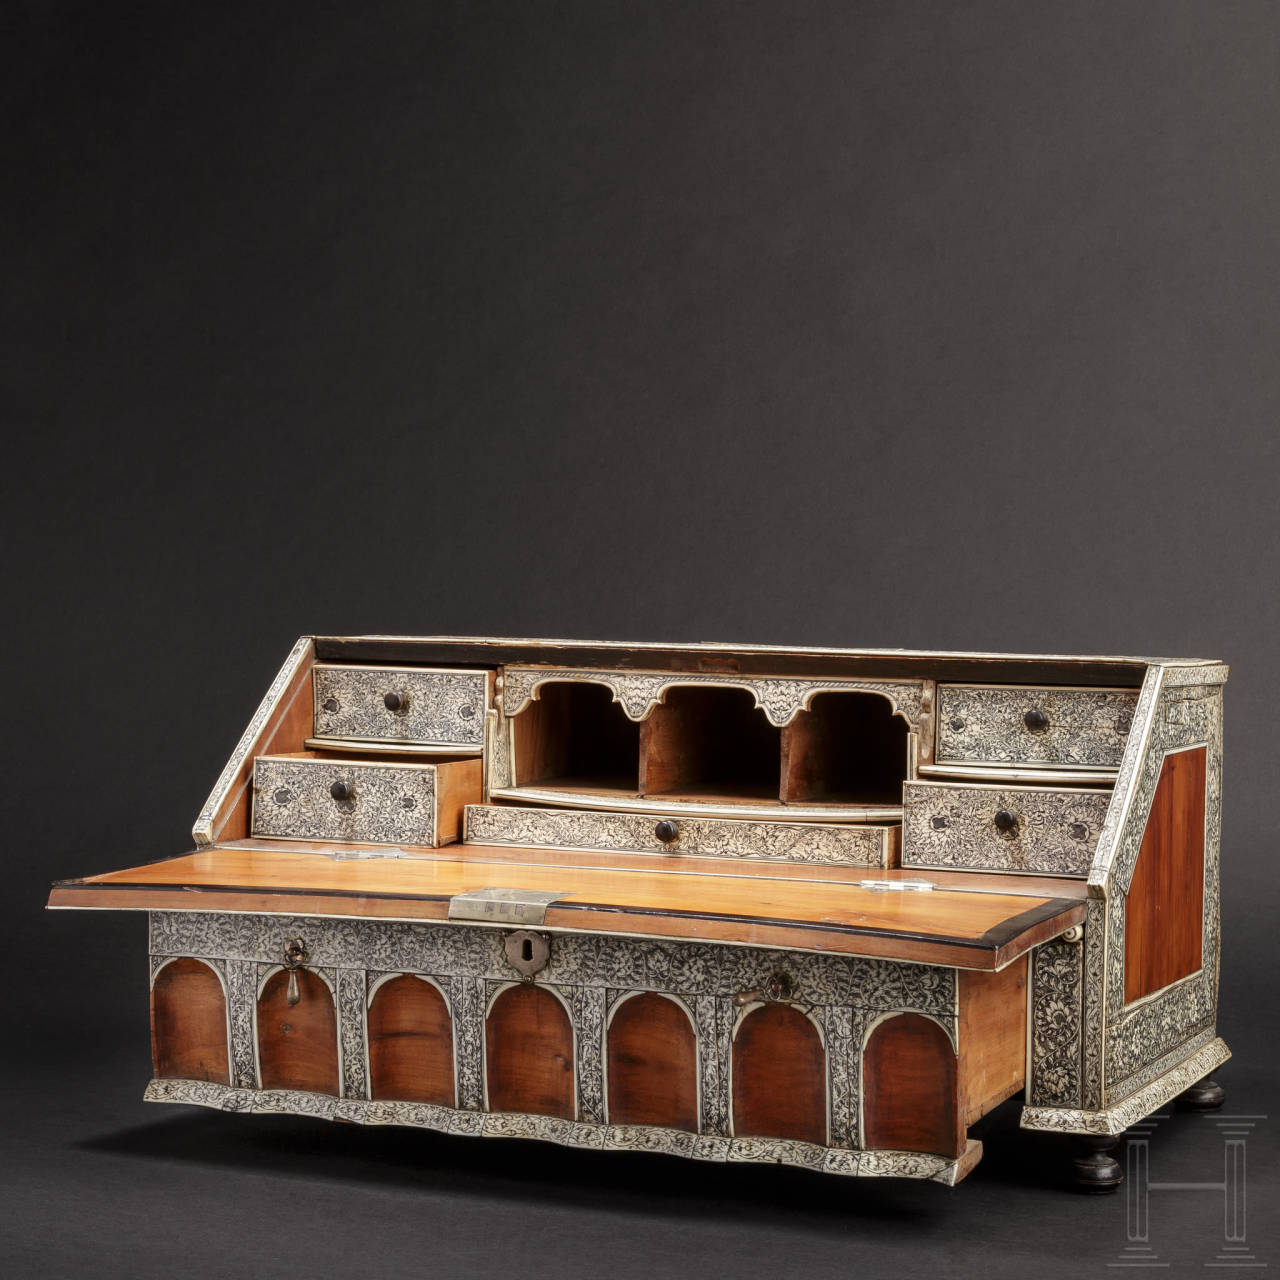 Hochfeines Tischkabinett, Vizapatagam, um 1740 - 1760